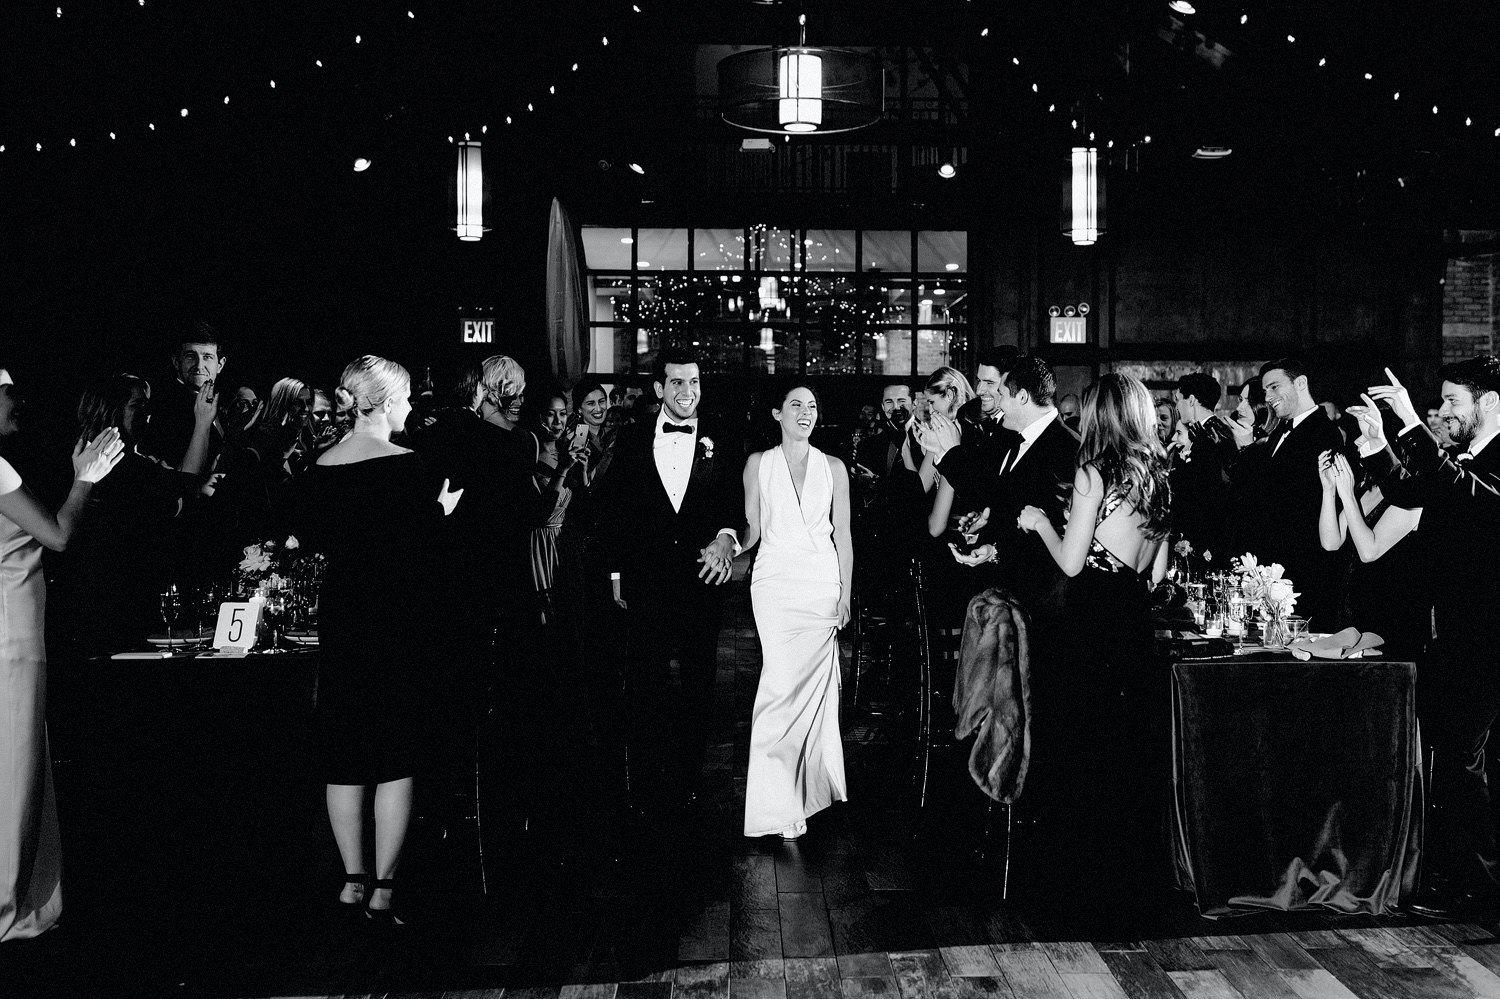 dumbo brooklyn wedding venue